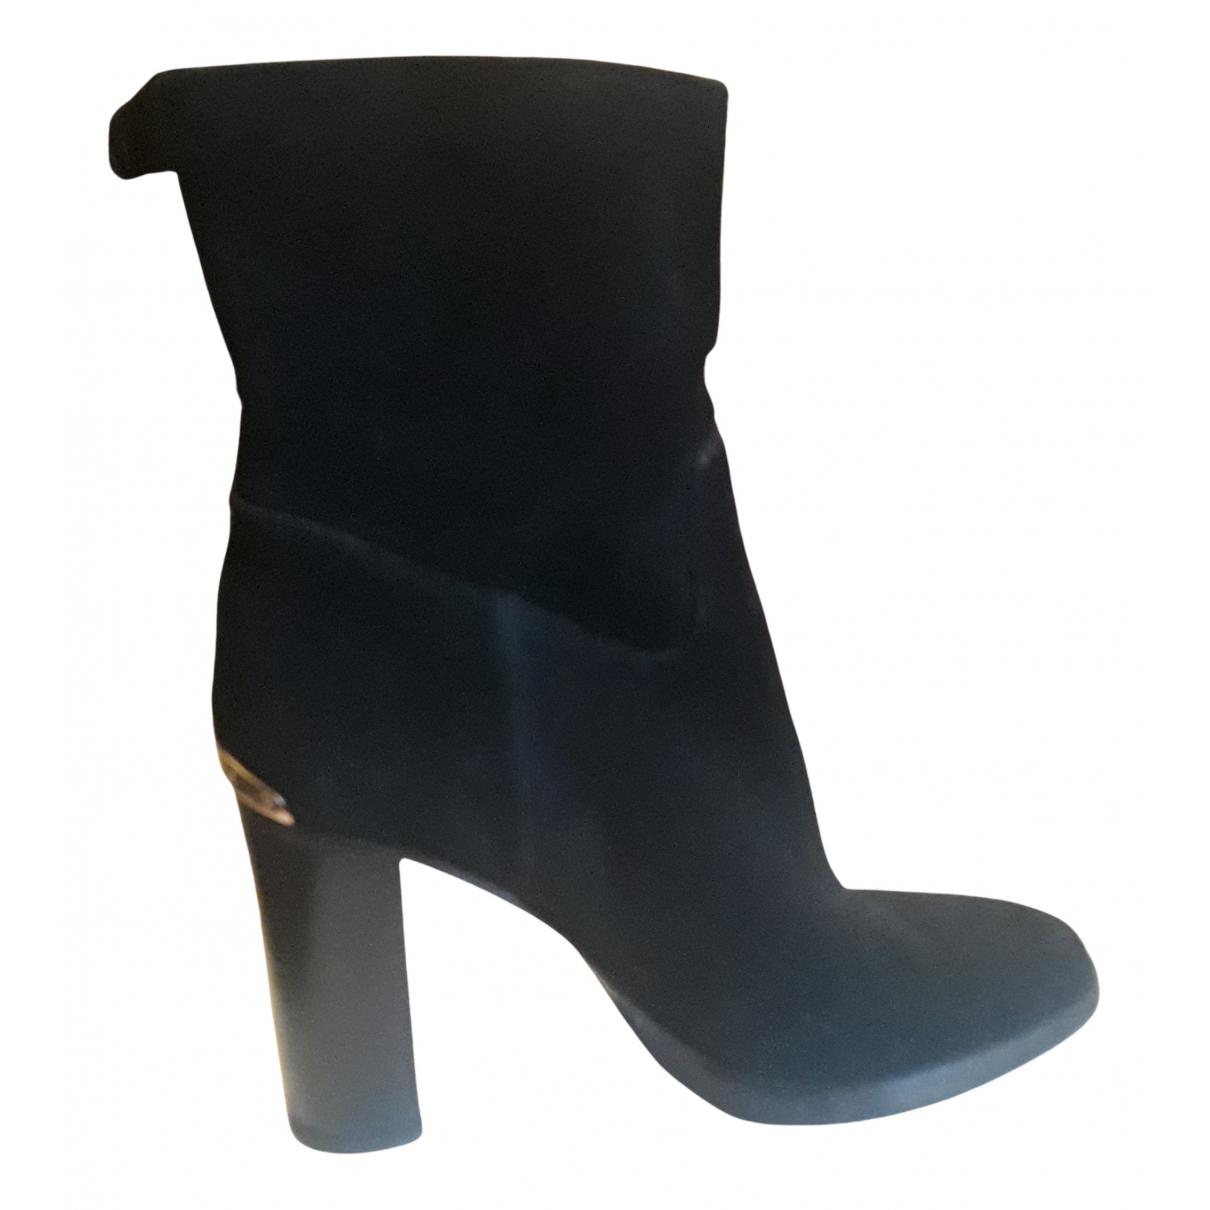 Michael Kors - Boots   pour femme en suede - noir